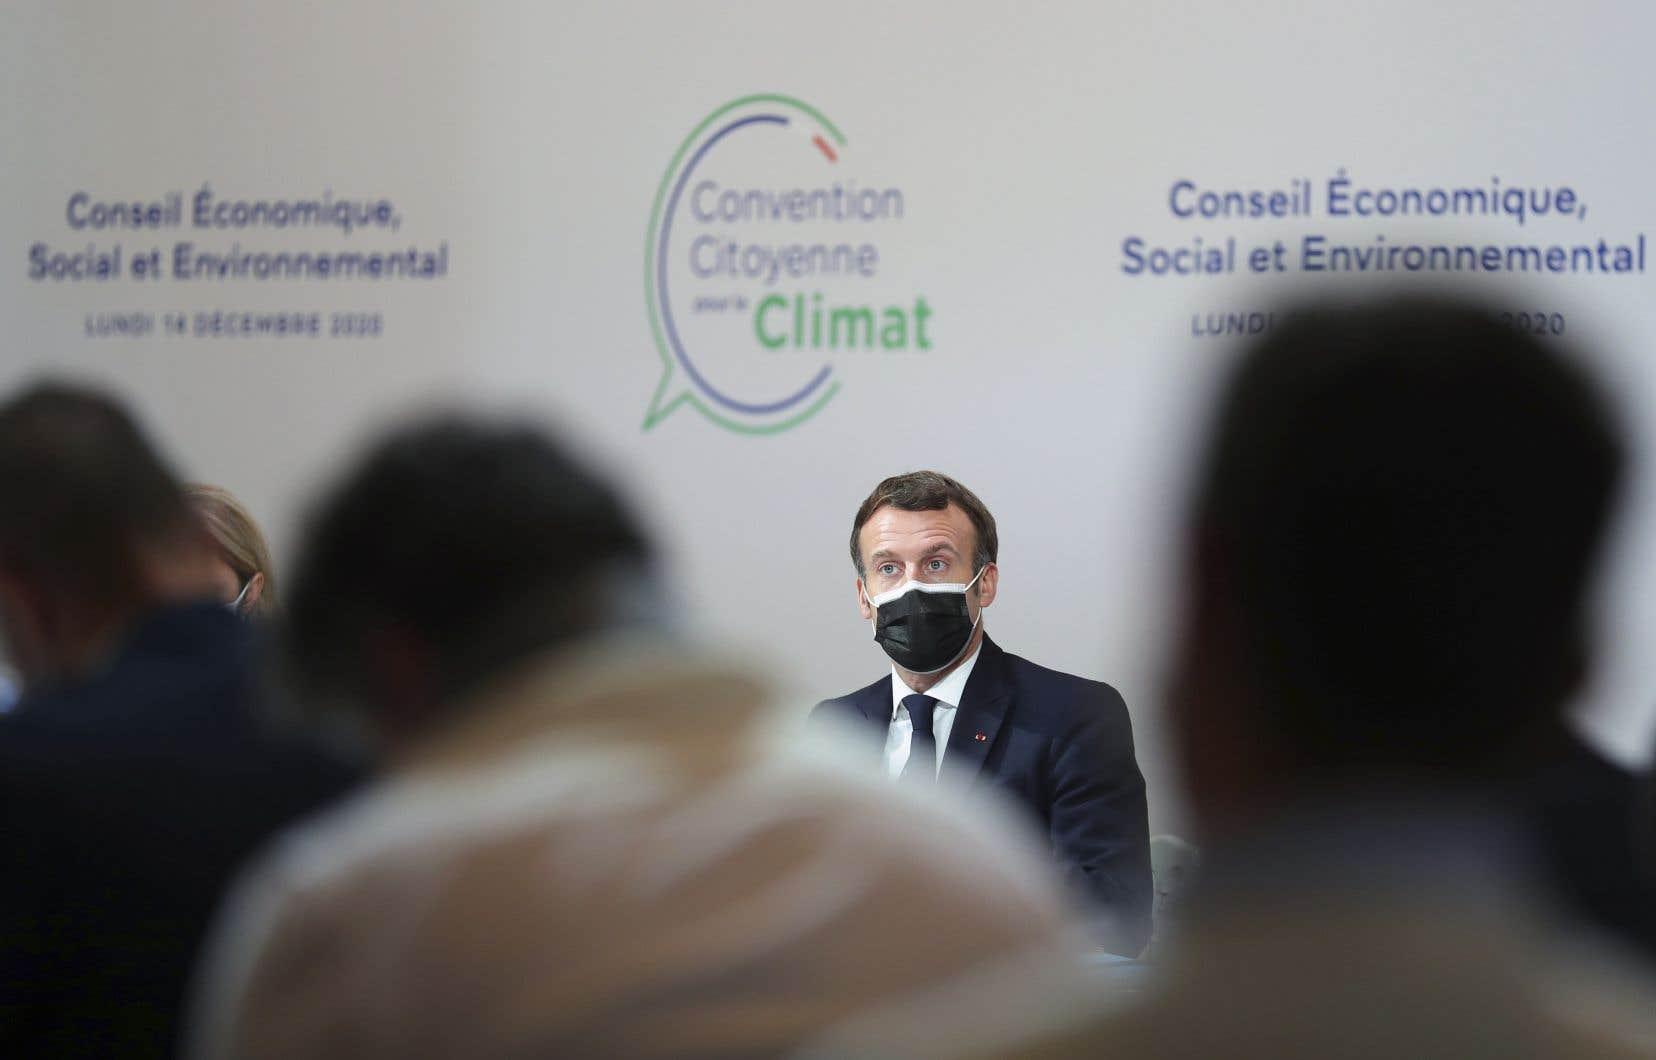 Le président français, devant la Convention citoyenne pour le Climat le 14 décembre dernier